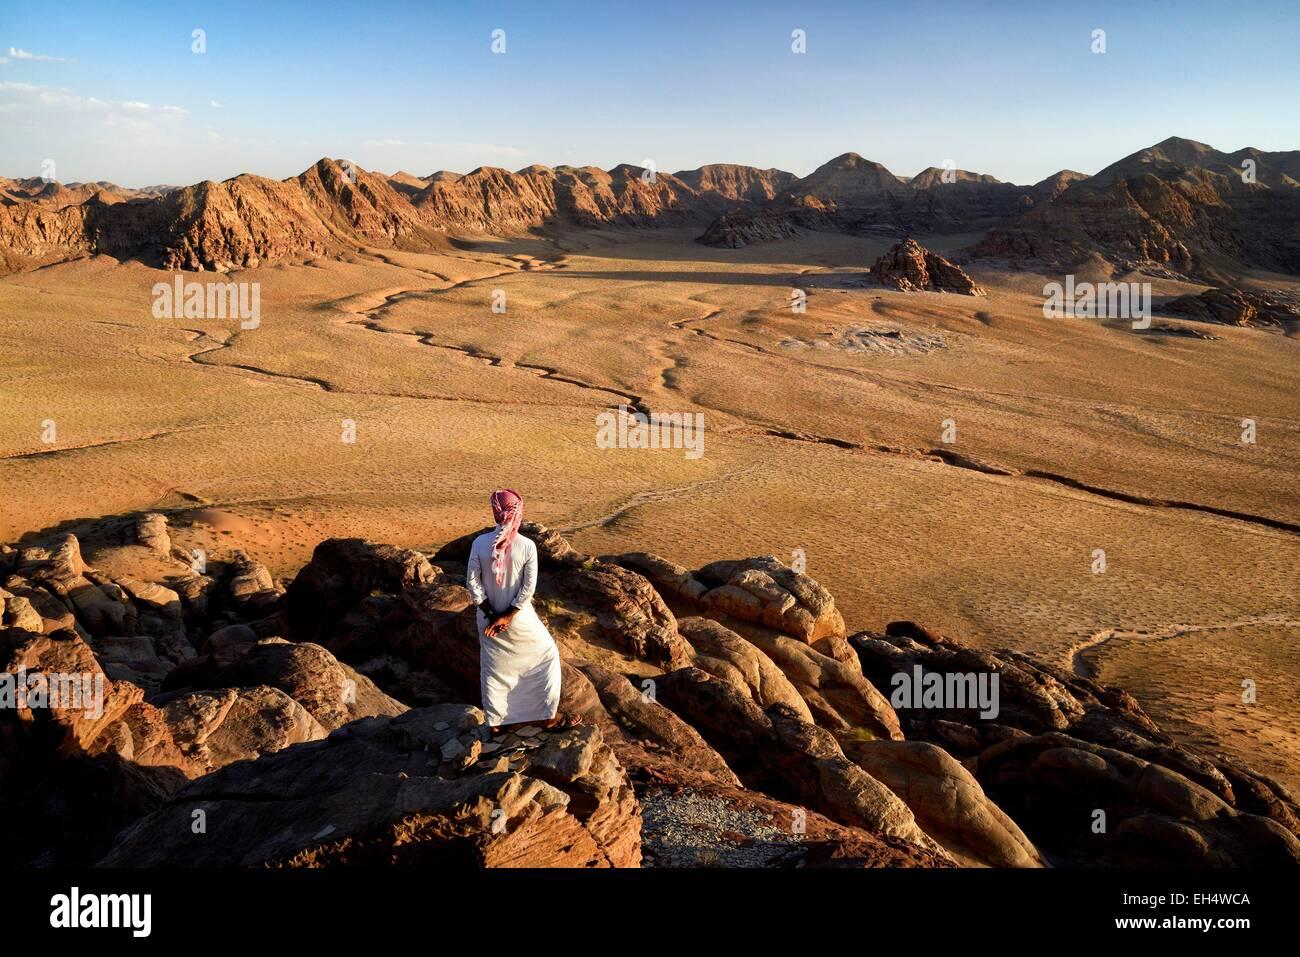 La Jordanie, Wadi Rum, frontière avec l'Arabie saoudite, bédouins et afficher de la montagne Jebel Photo Stock